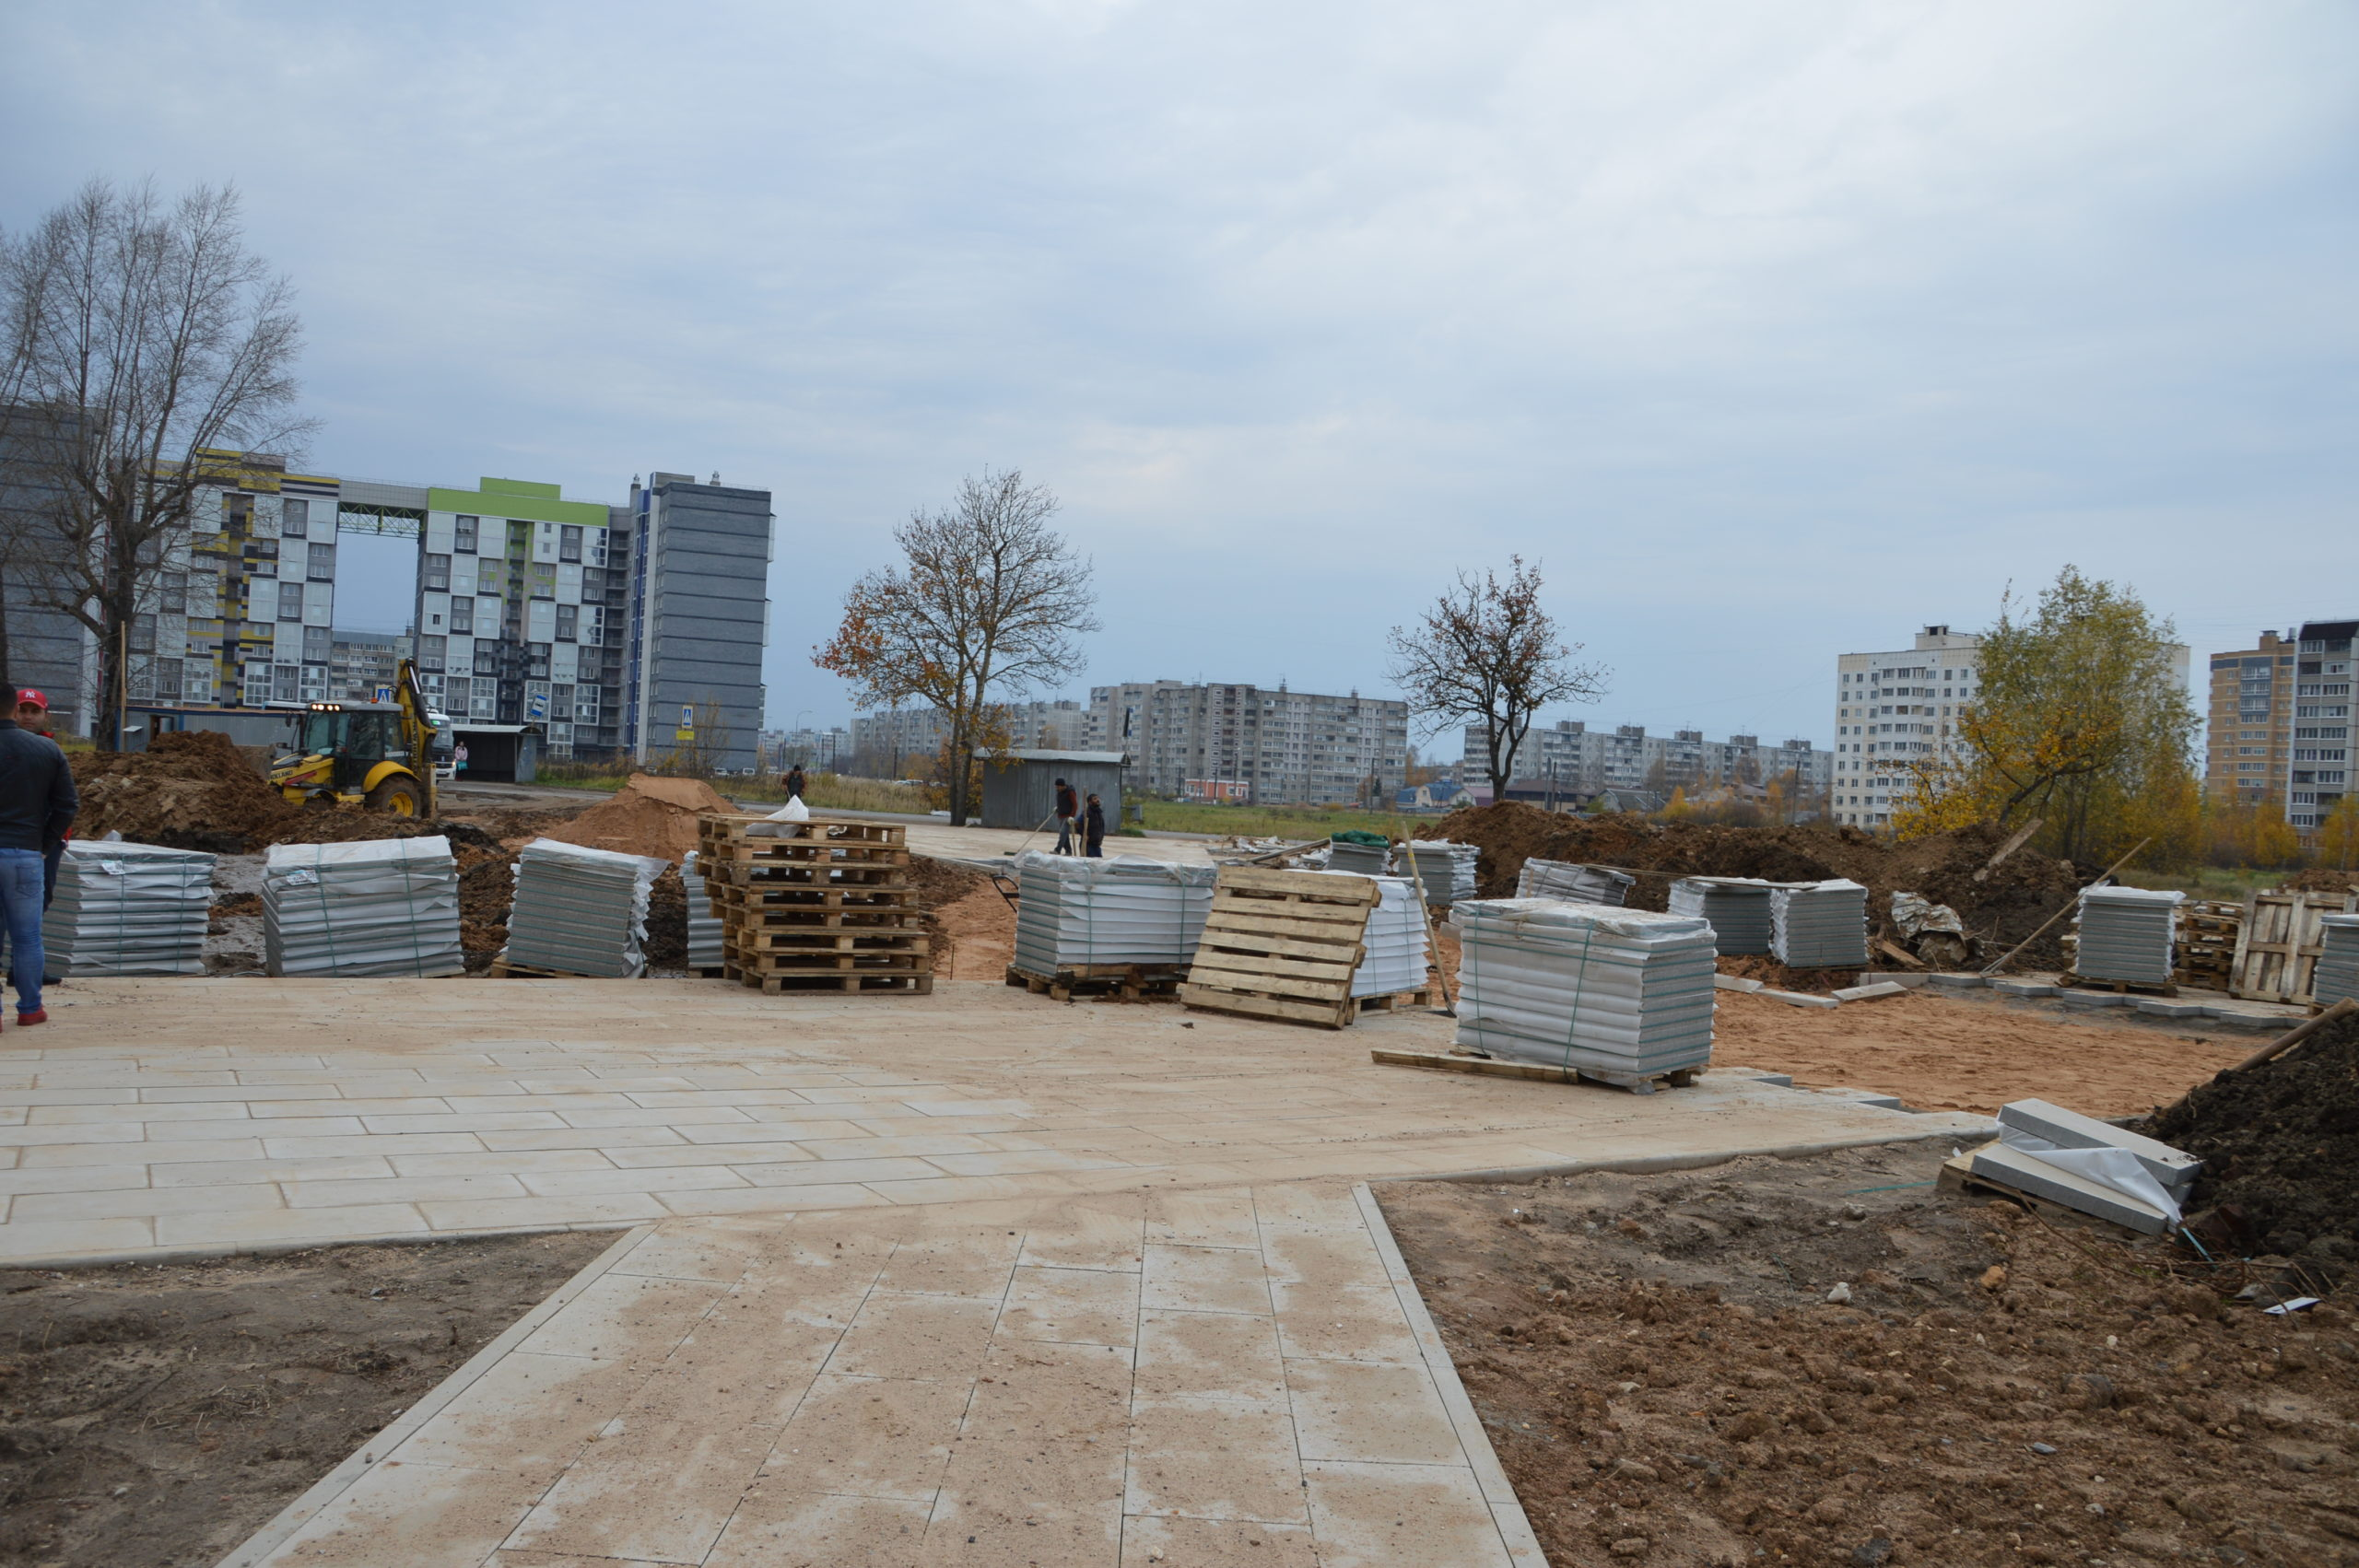 В 2020 году в Тверской области будет благоустроенно 266 объектов и территорий